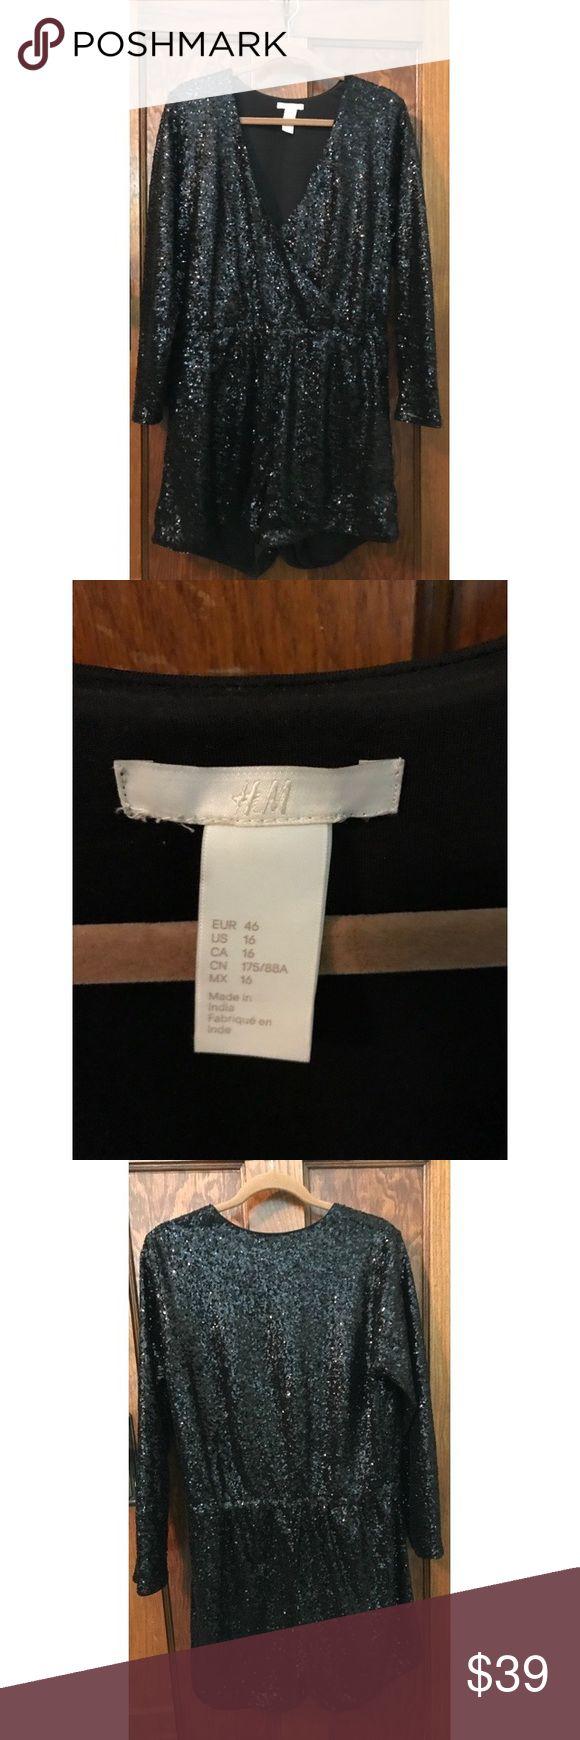 H&M Sequin Playsuit Black Party Sequined Playsuit! H&M Dresses Mini